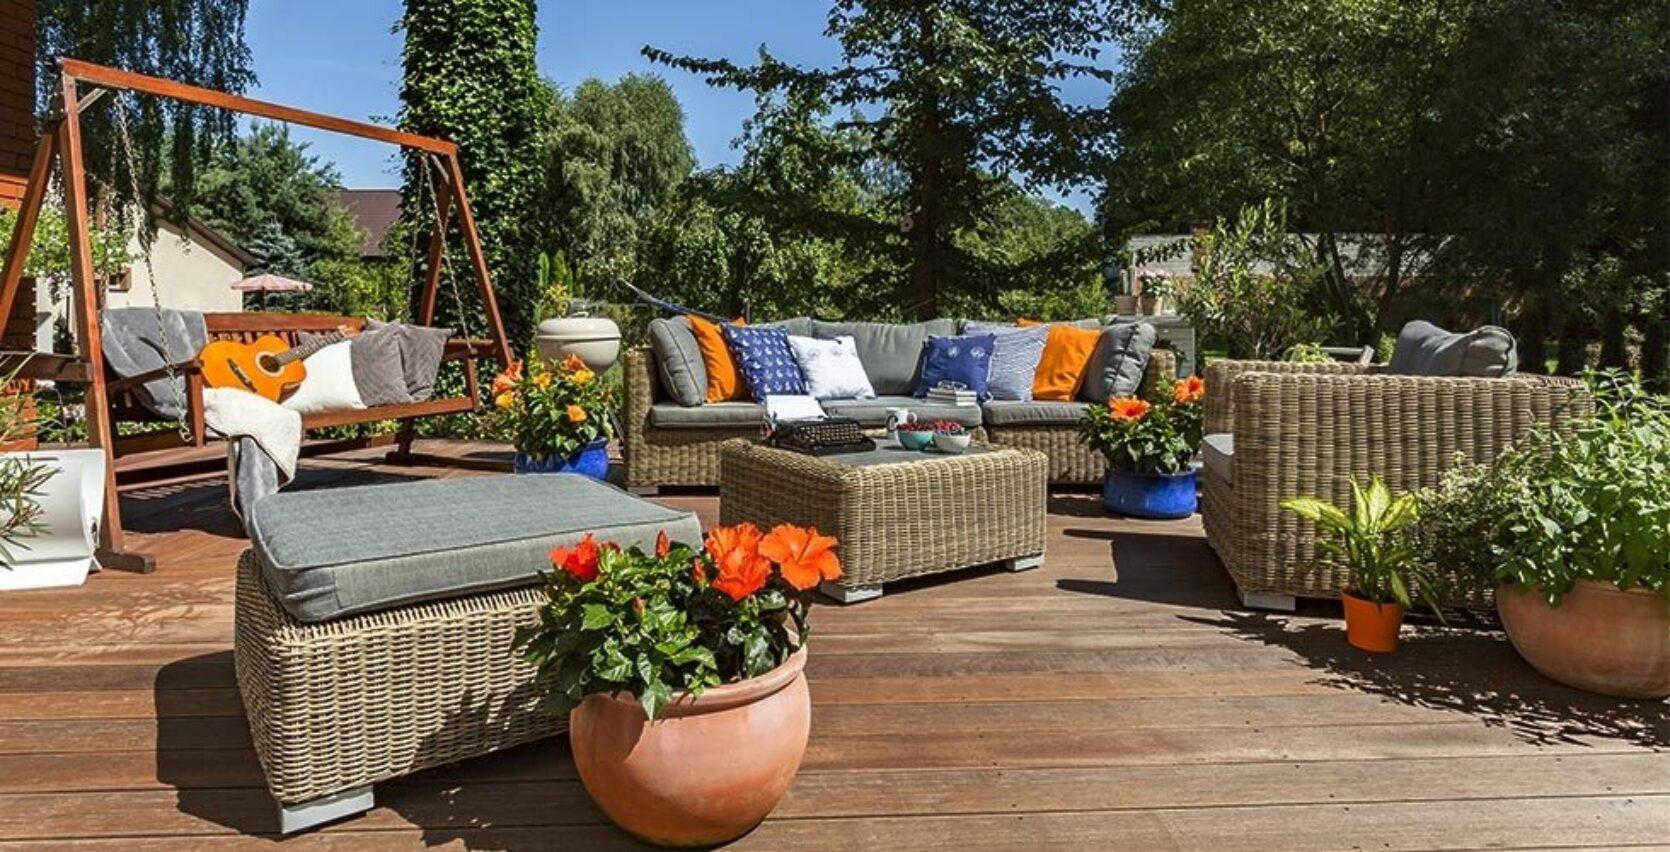 En terrasse i tre om sommeren, med moderne flettede utemøbler og grønne planter i terrakotta.